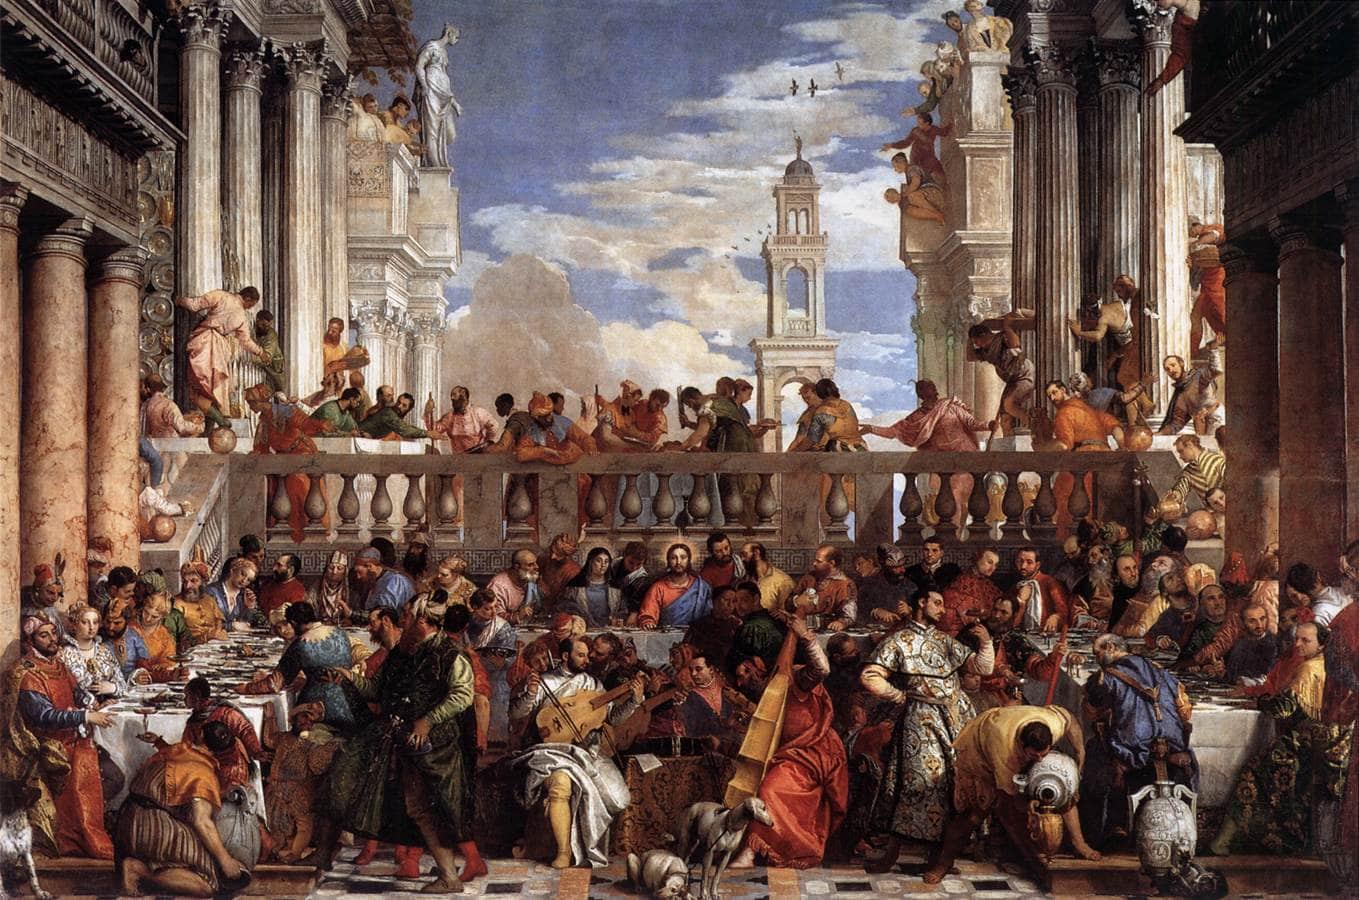 O casamento de Caná, de Paolo Veronese